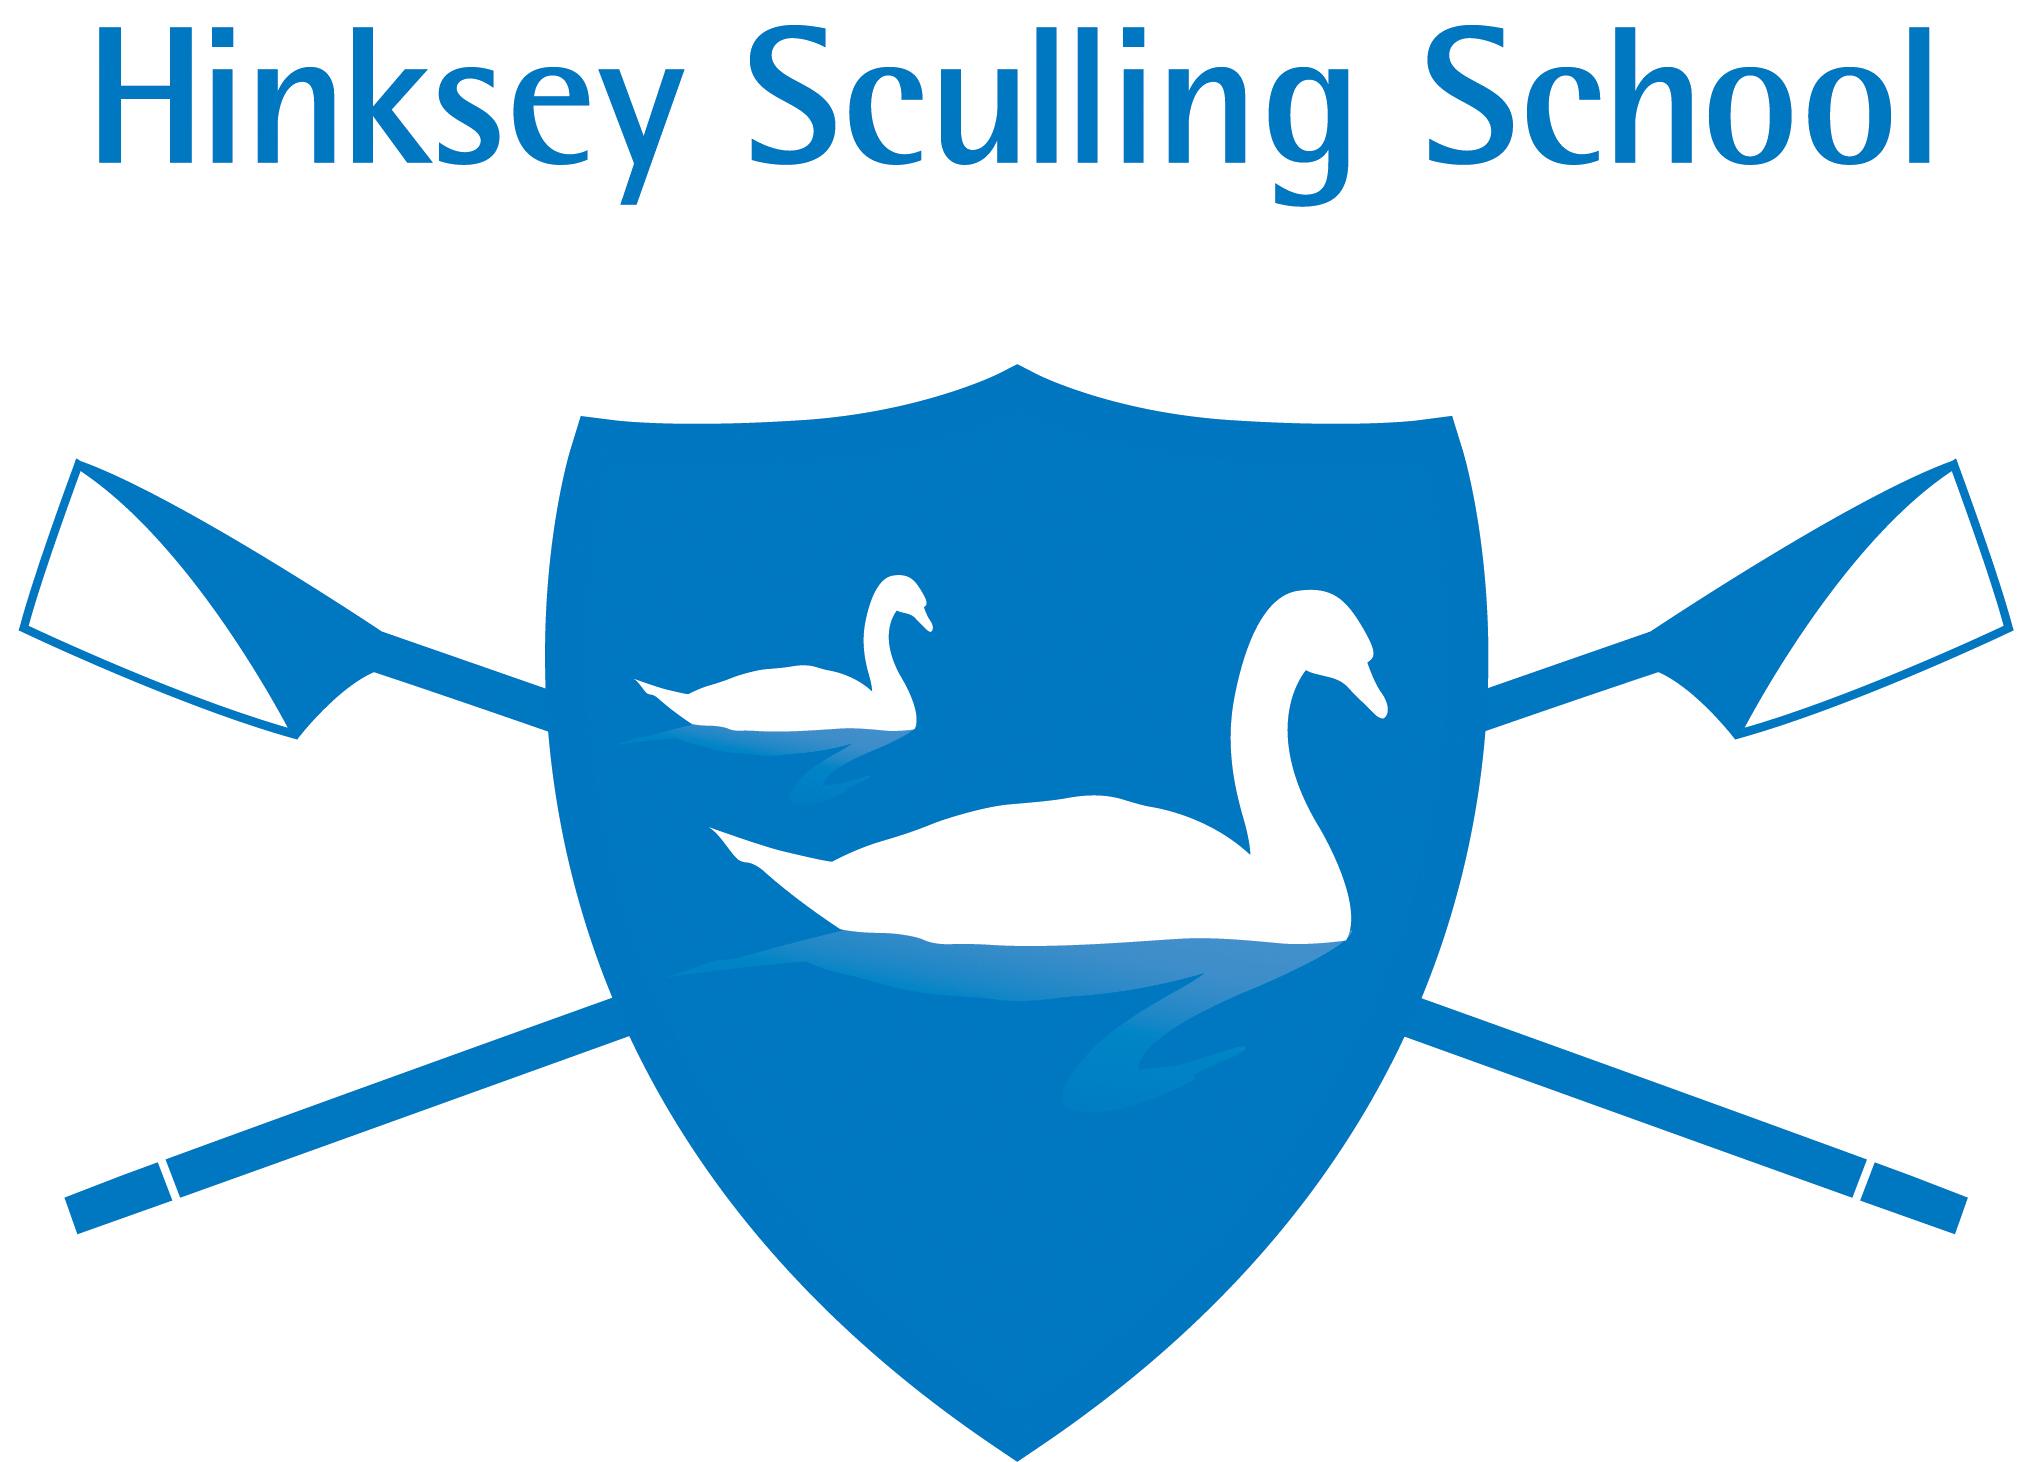 Hinksey Sculling School Lead Beginners Coach Vacancy